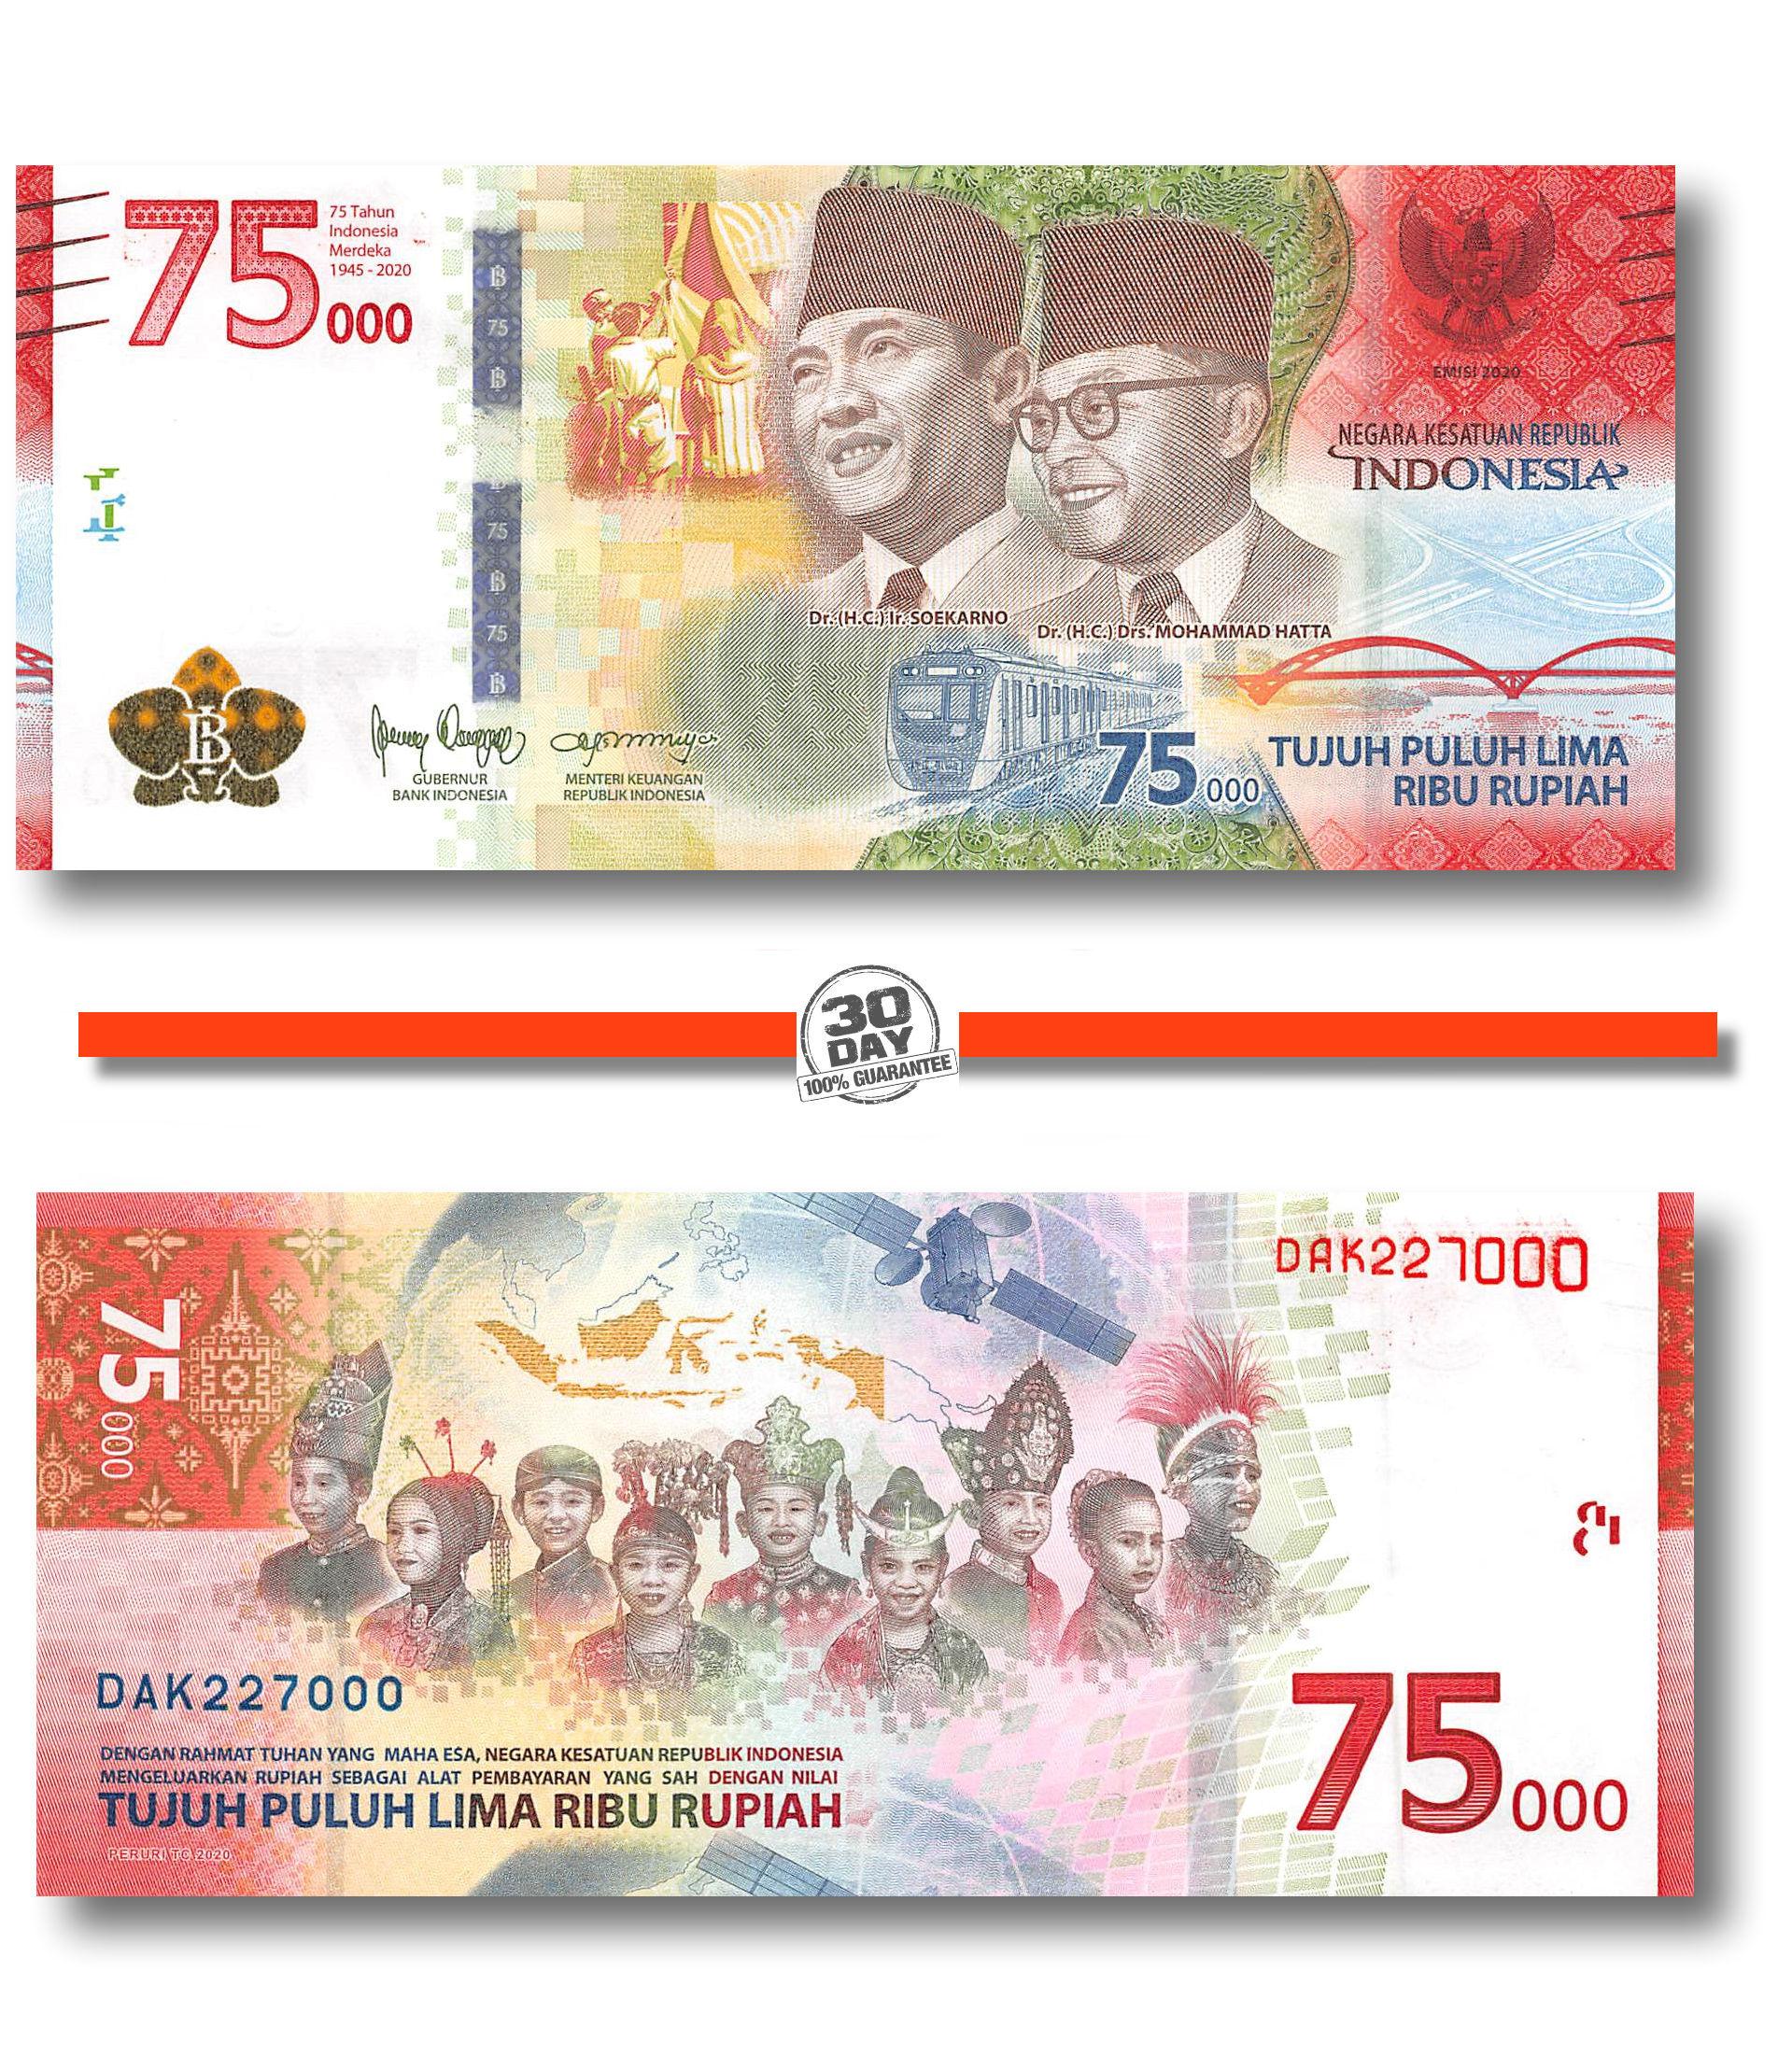 P-New UNC /> Commemorative Rupiah Indonesia 75,000 75000 2020